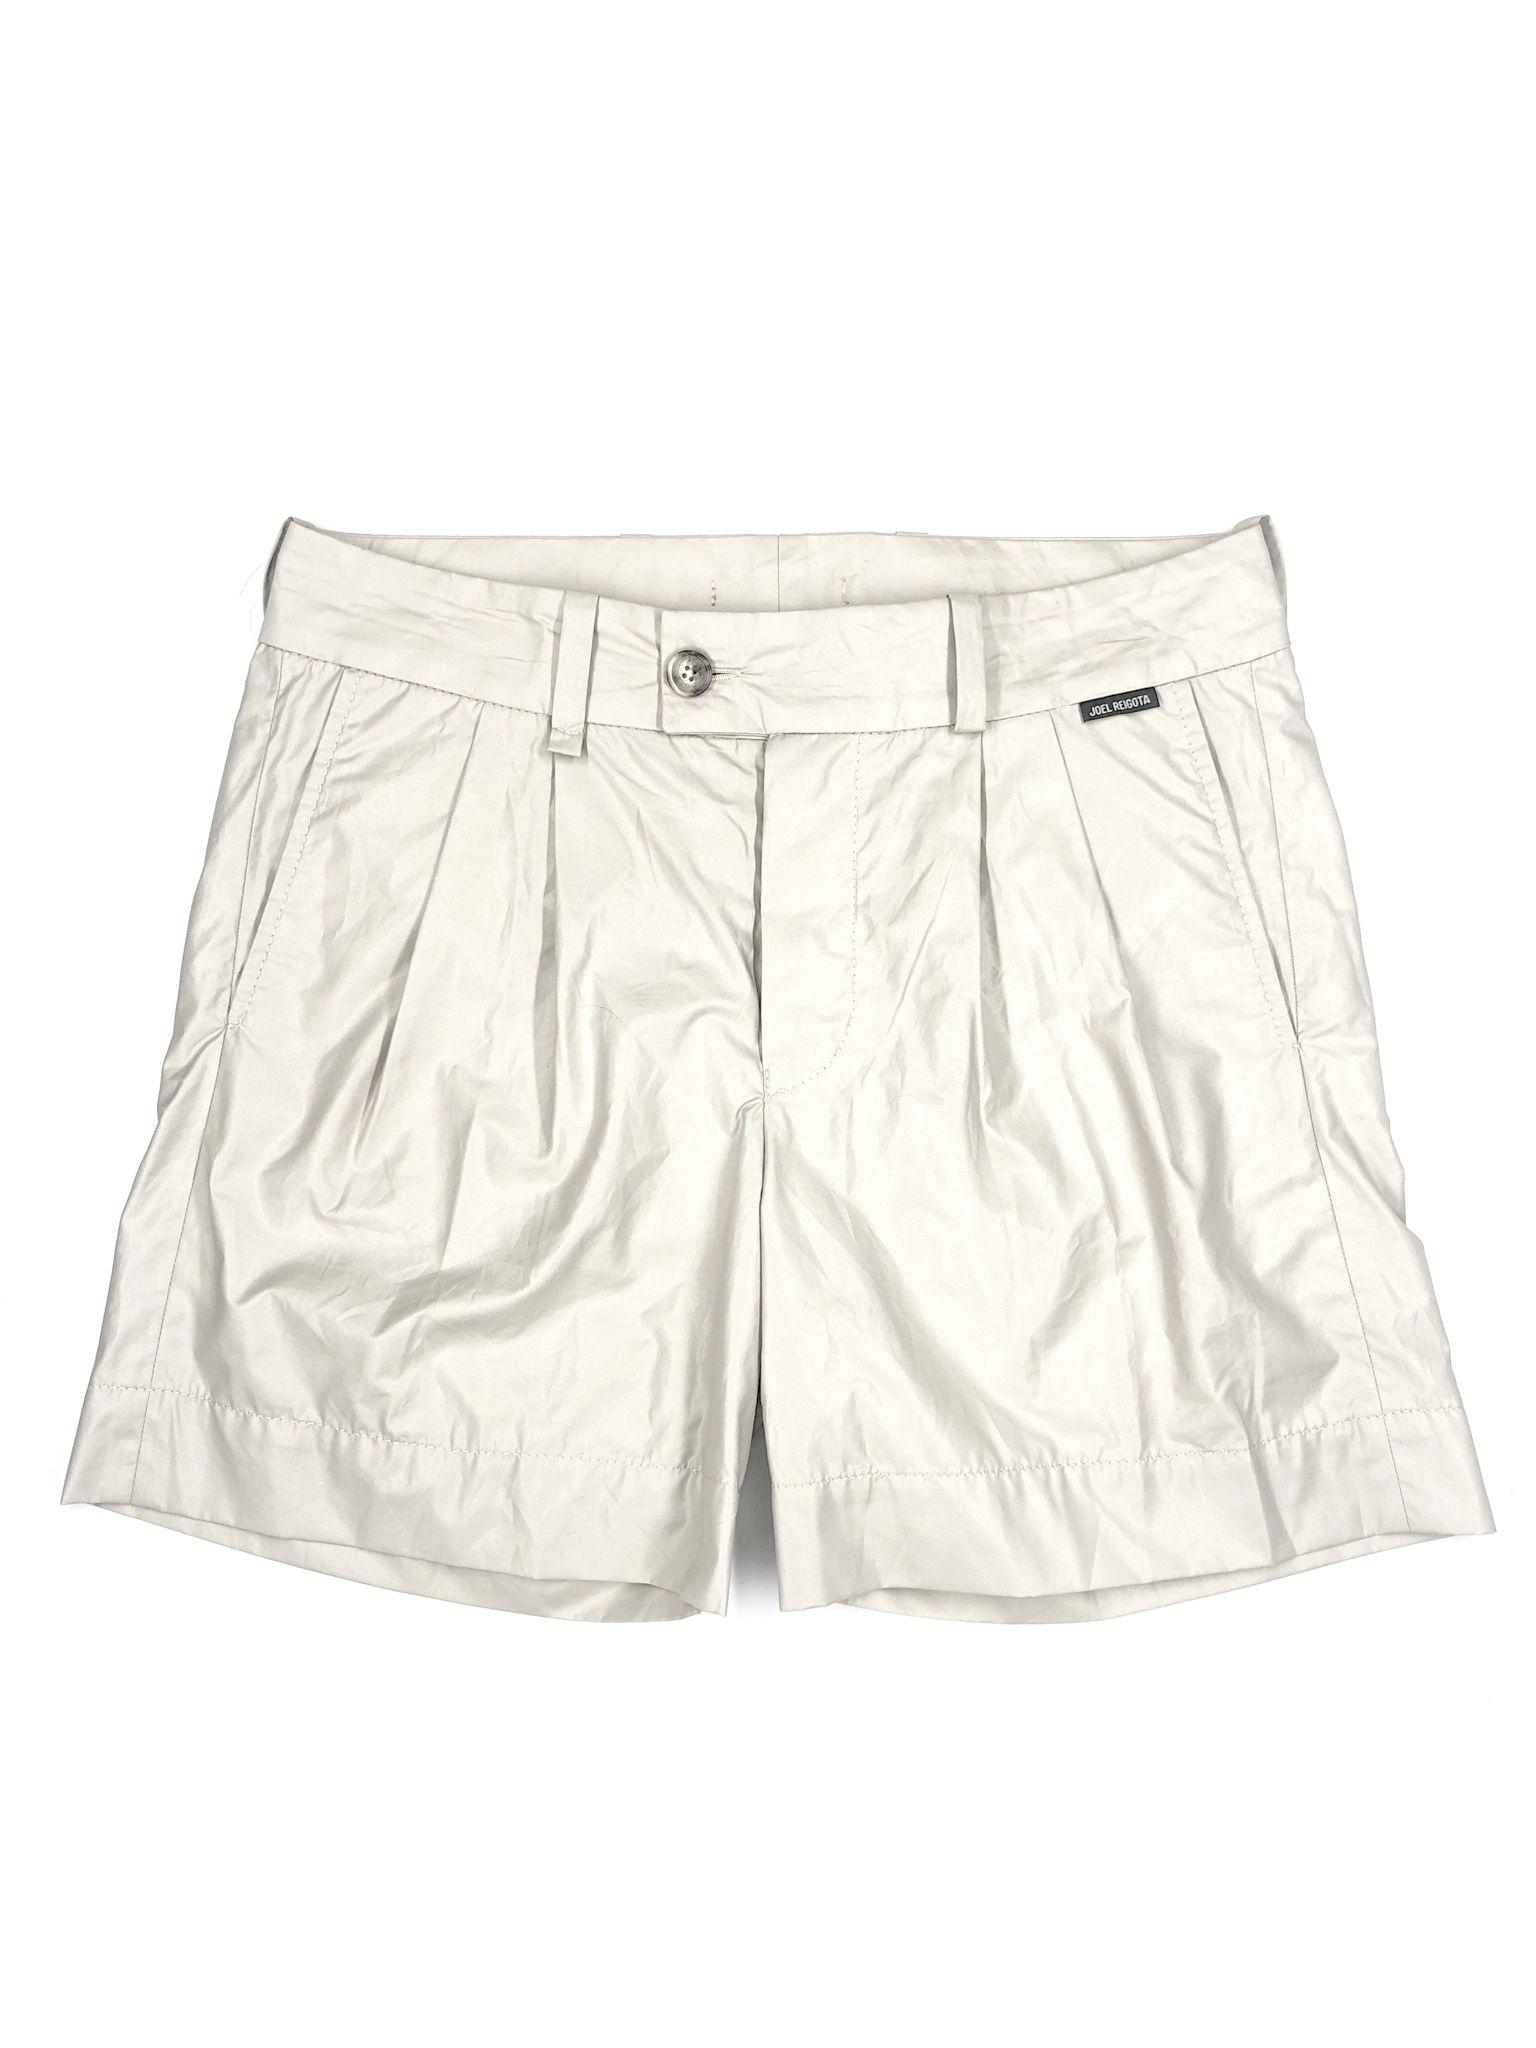 Beige Wrinkled Shorts